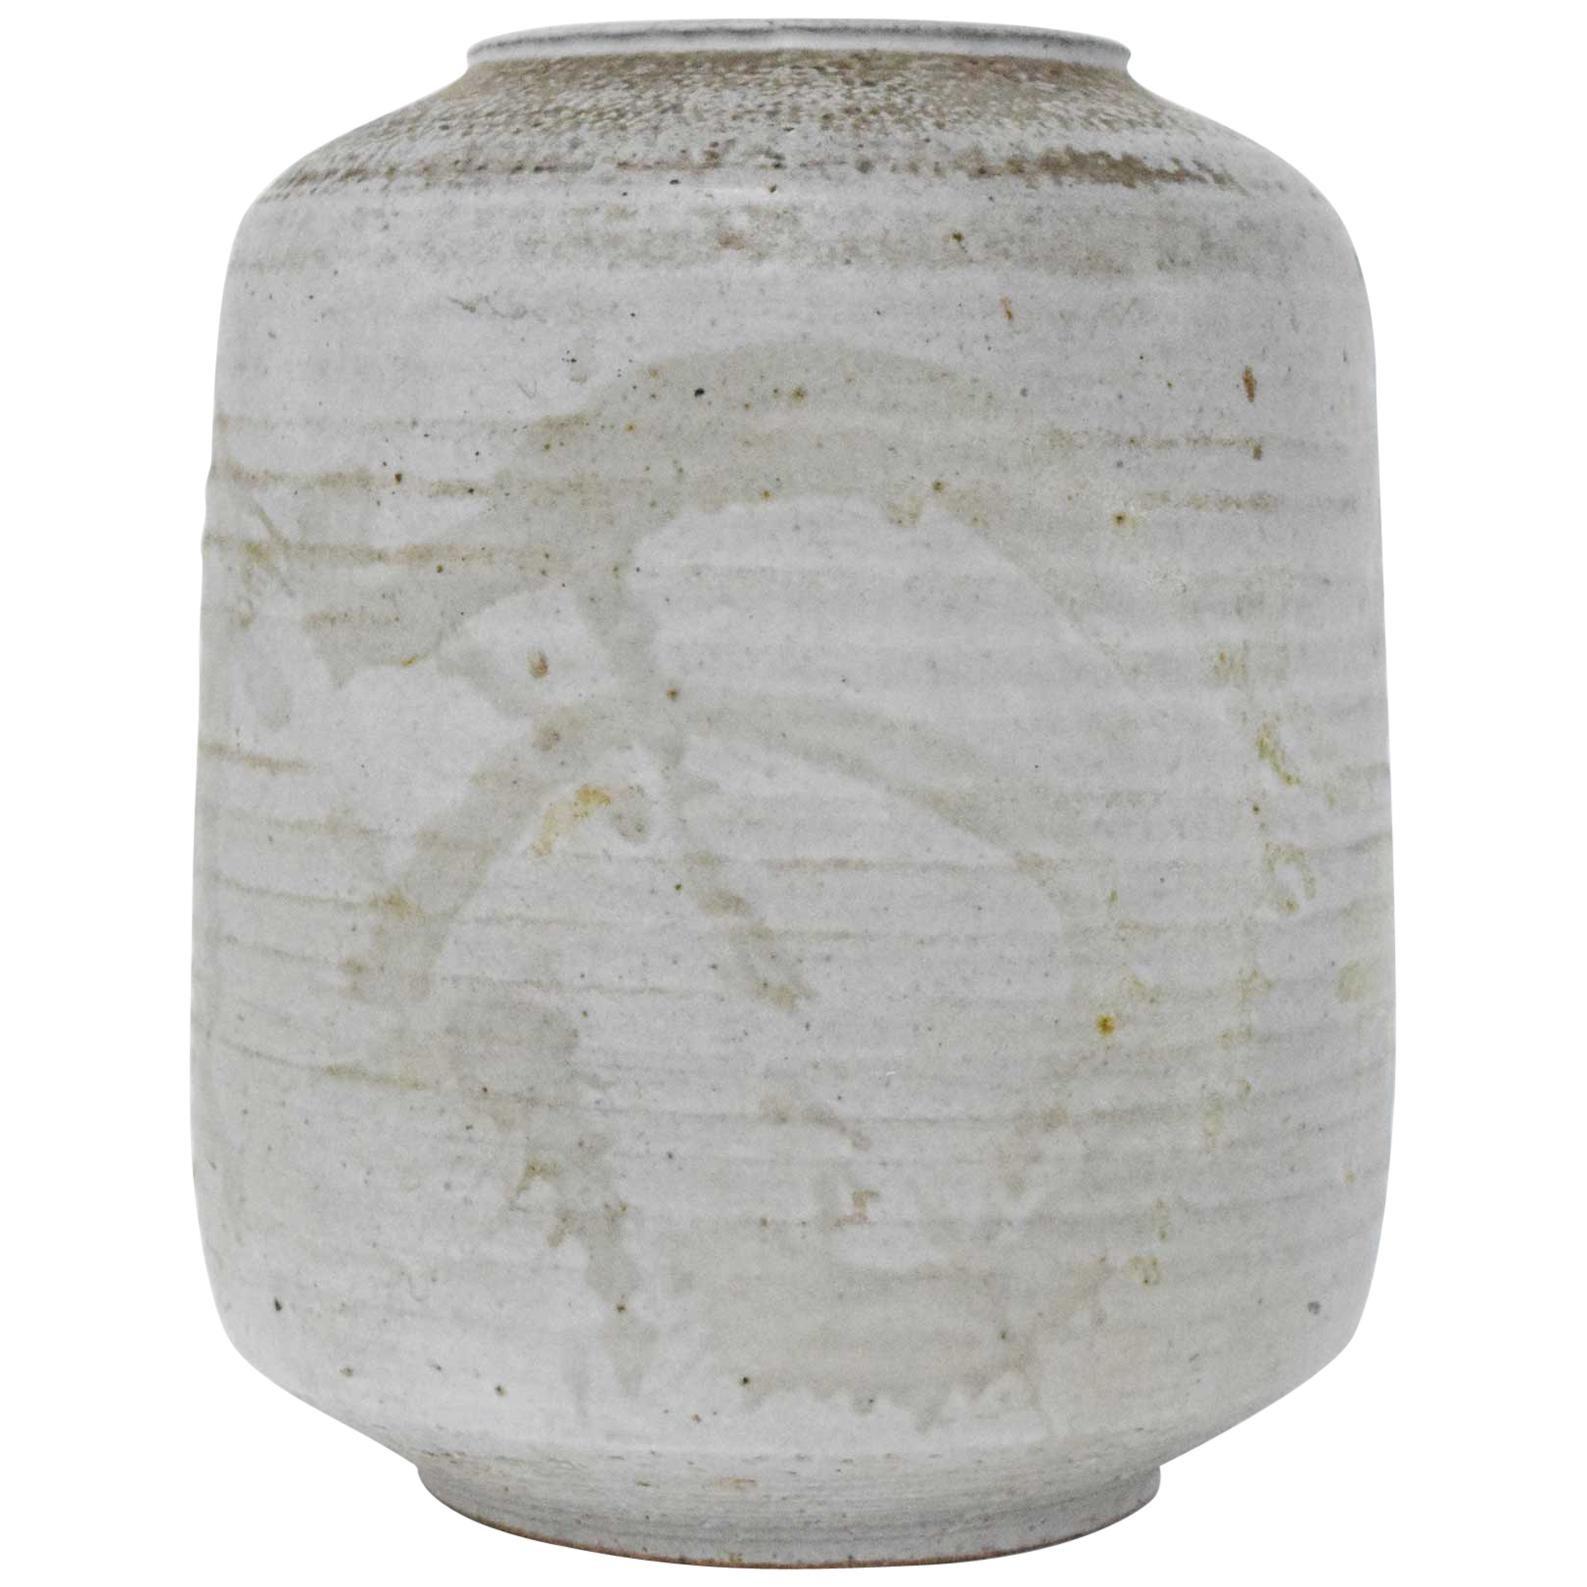 Clyde Burt Ceramic Vessel or Vase